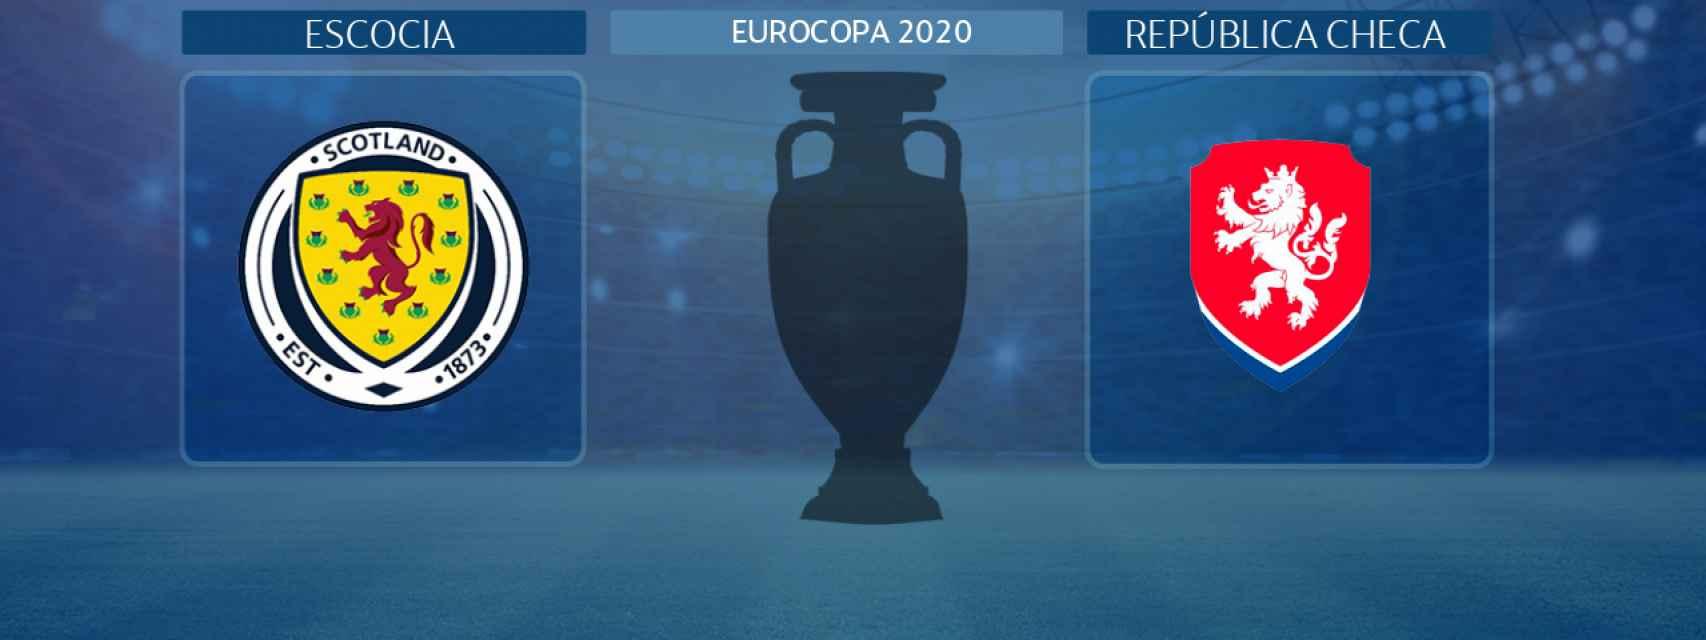 Escocia - República Checa, partido de la Eurocopa 2020